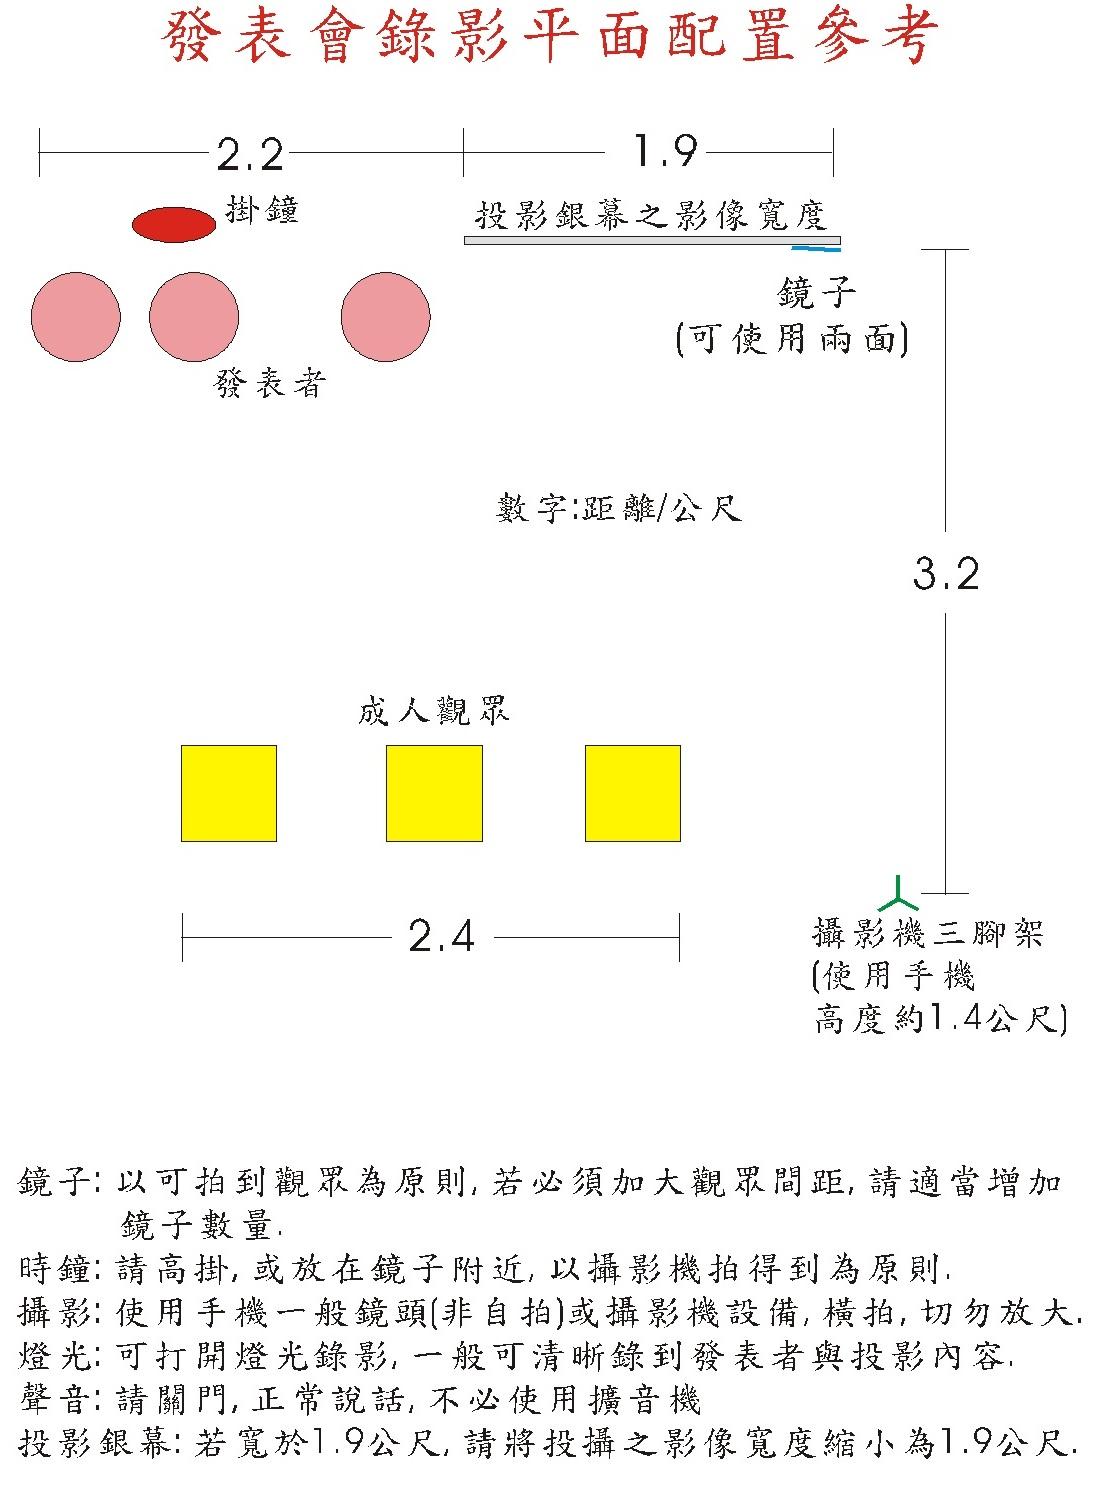 fa_biao_hui_pei_zhi_v1_1.jpg